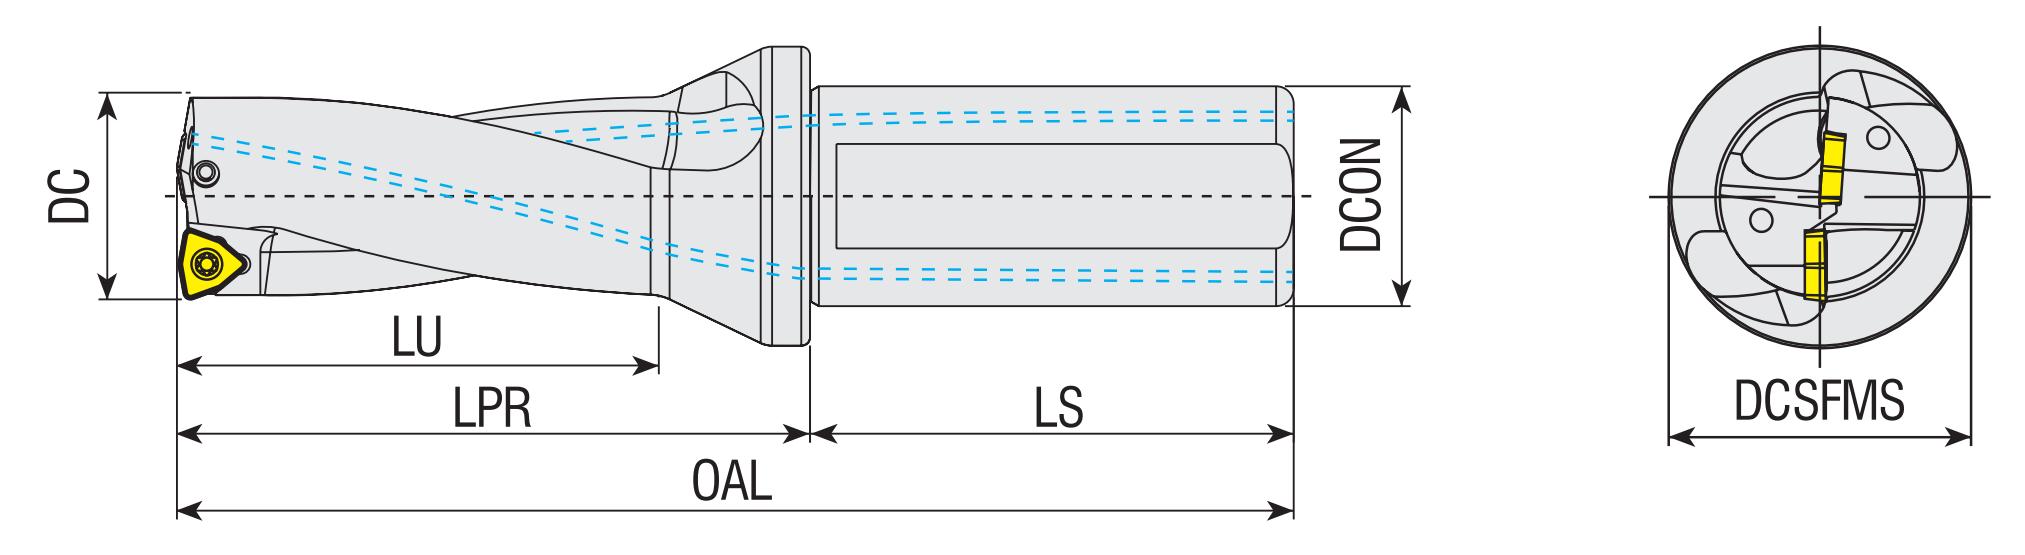 Vollbohrer 4xD mit Innenkühlung für WCMT